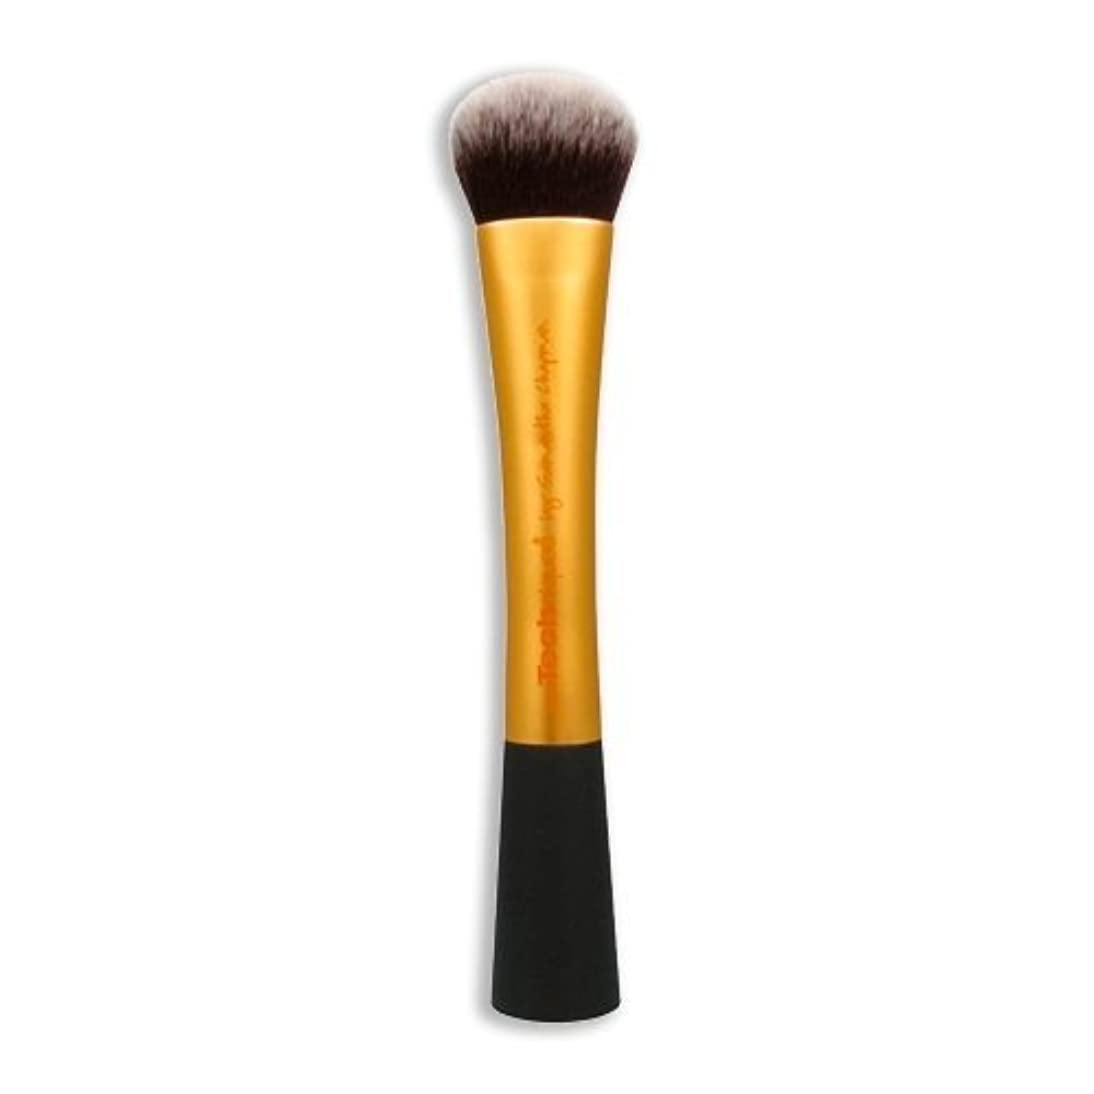 バスケットボール滑る願うReal Techniques Expert Face Brush - Expert Face Brush (並行輸入品)